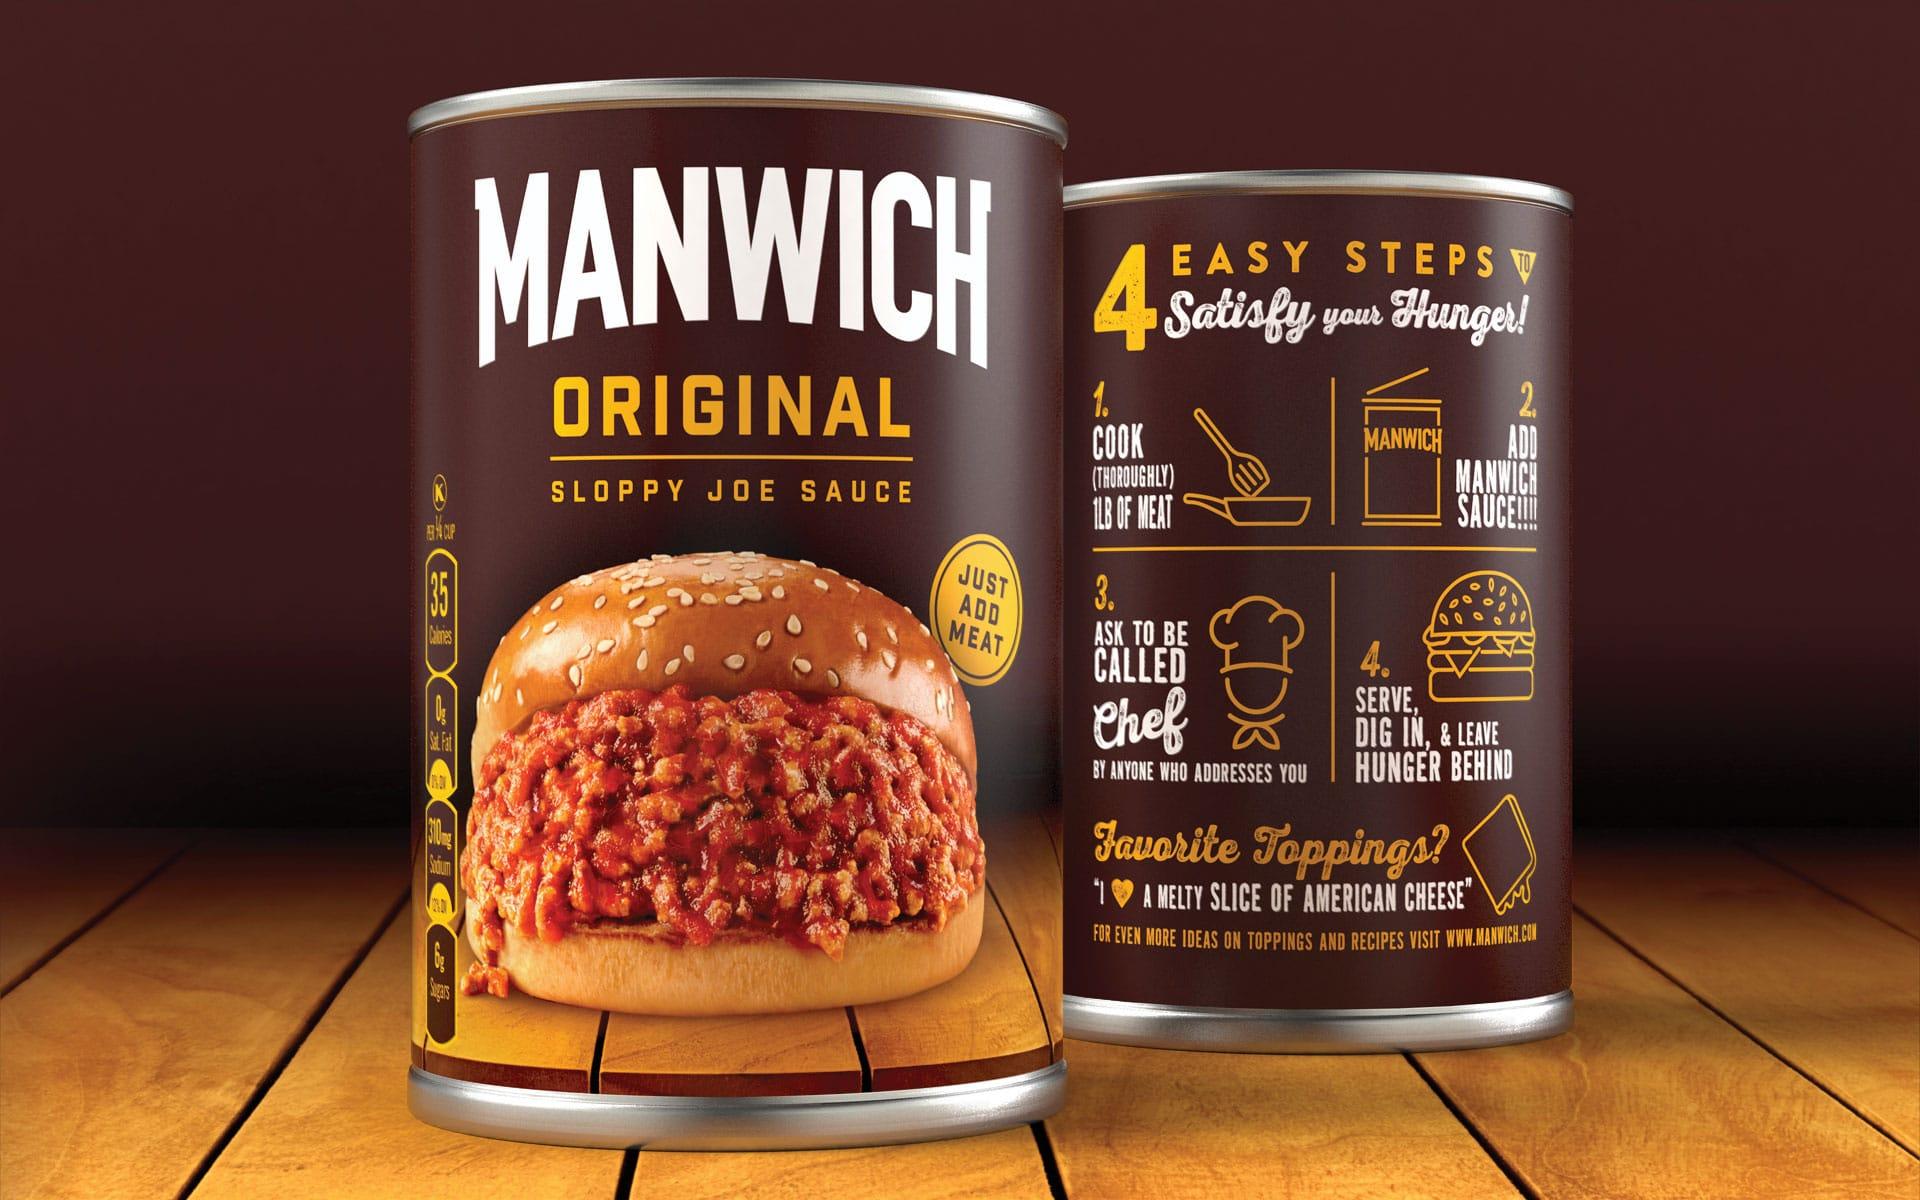 Manwich - Brand Packaging Design